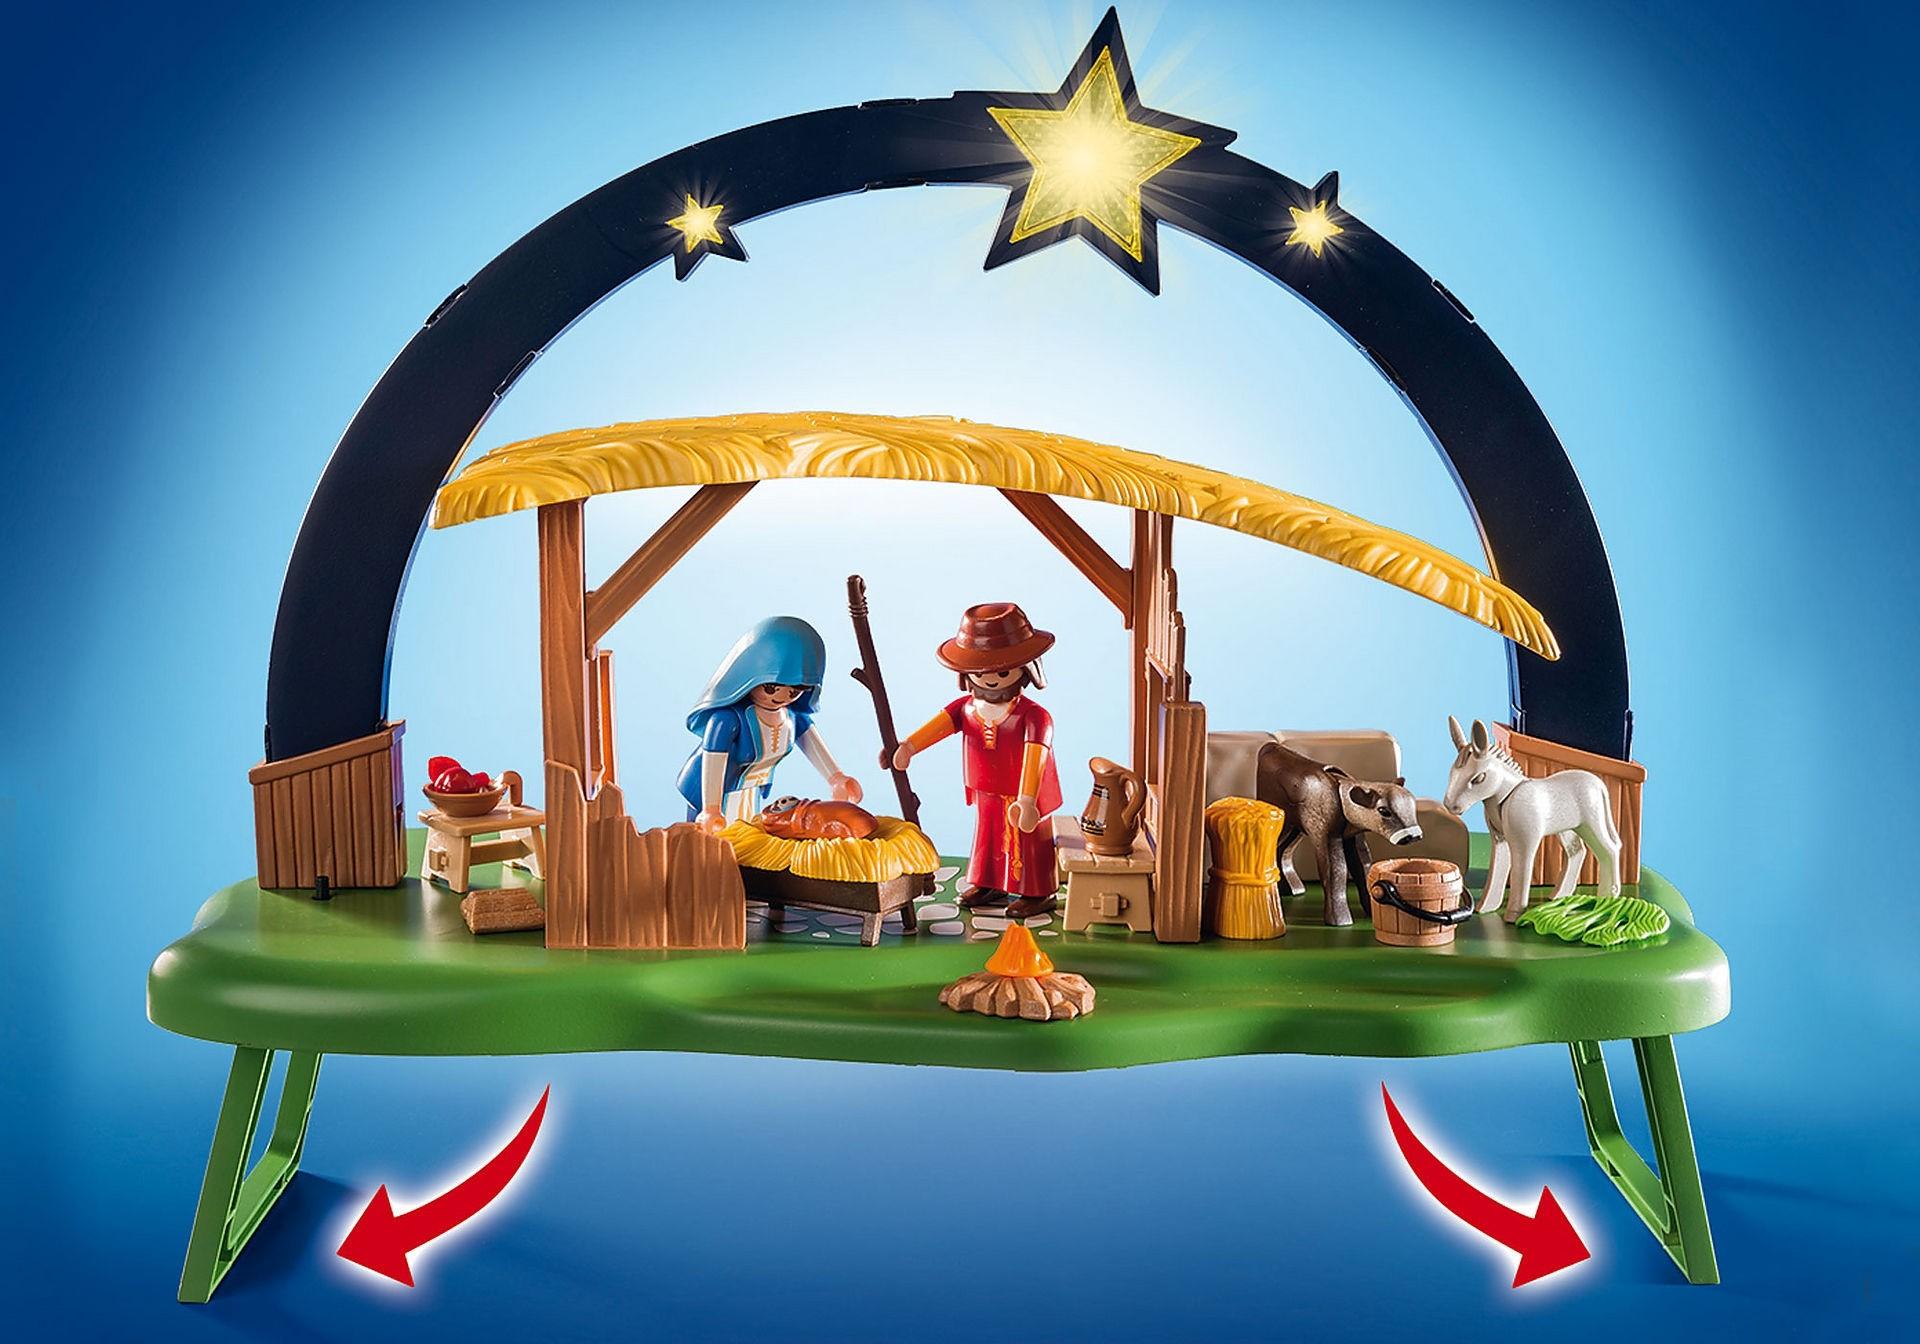 Playmobil 9494, portal de belén con luz, 4 figuras y más - Brico Reyes